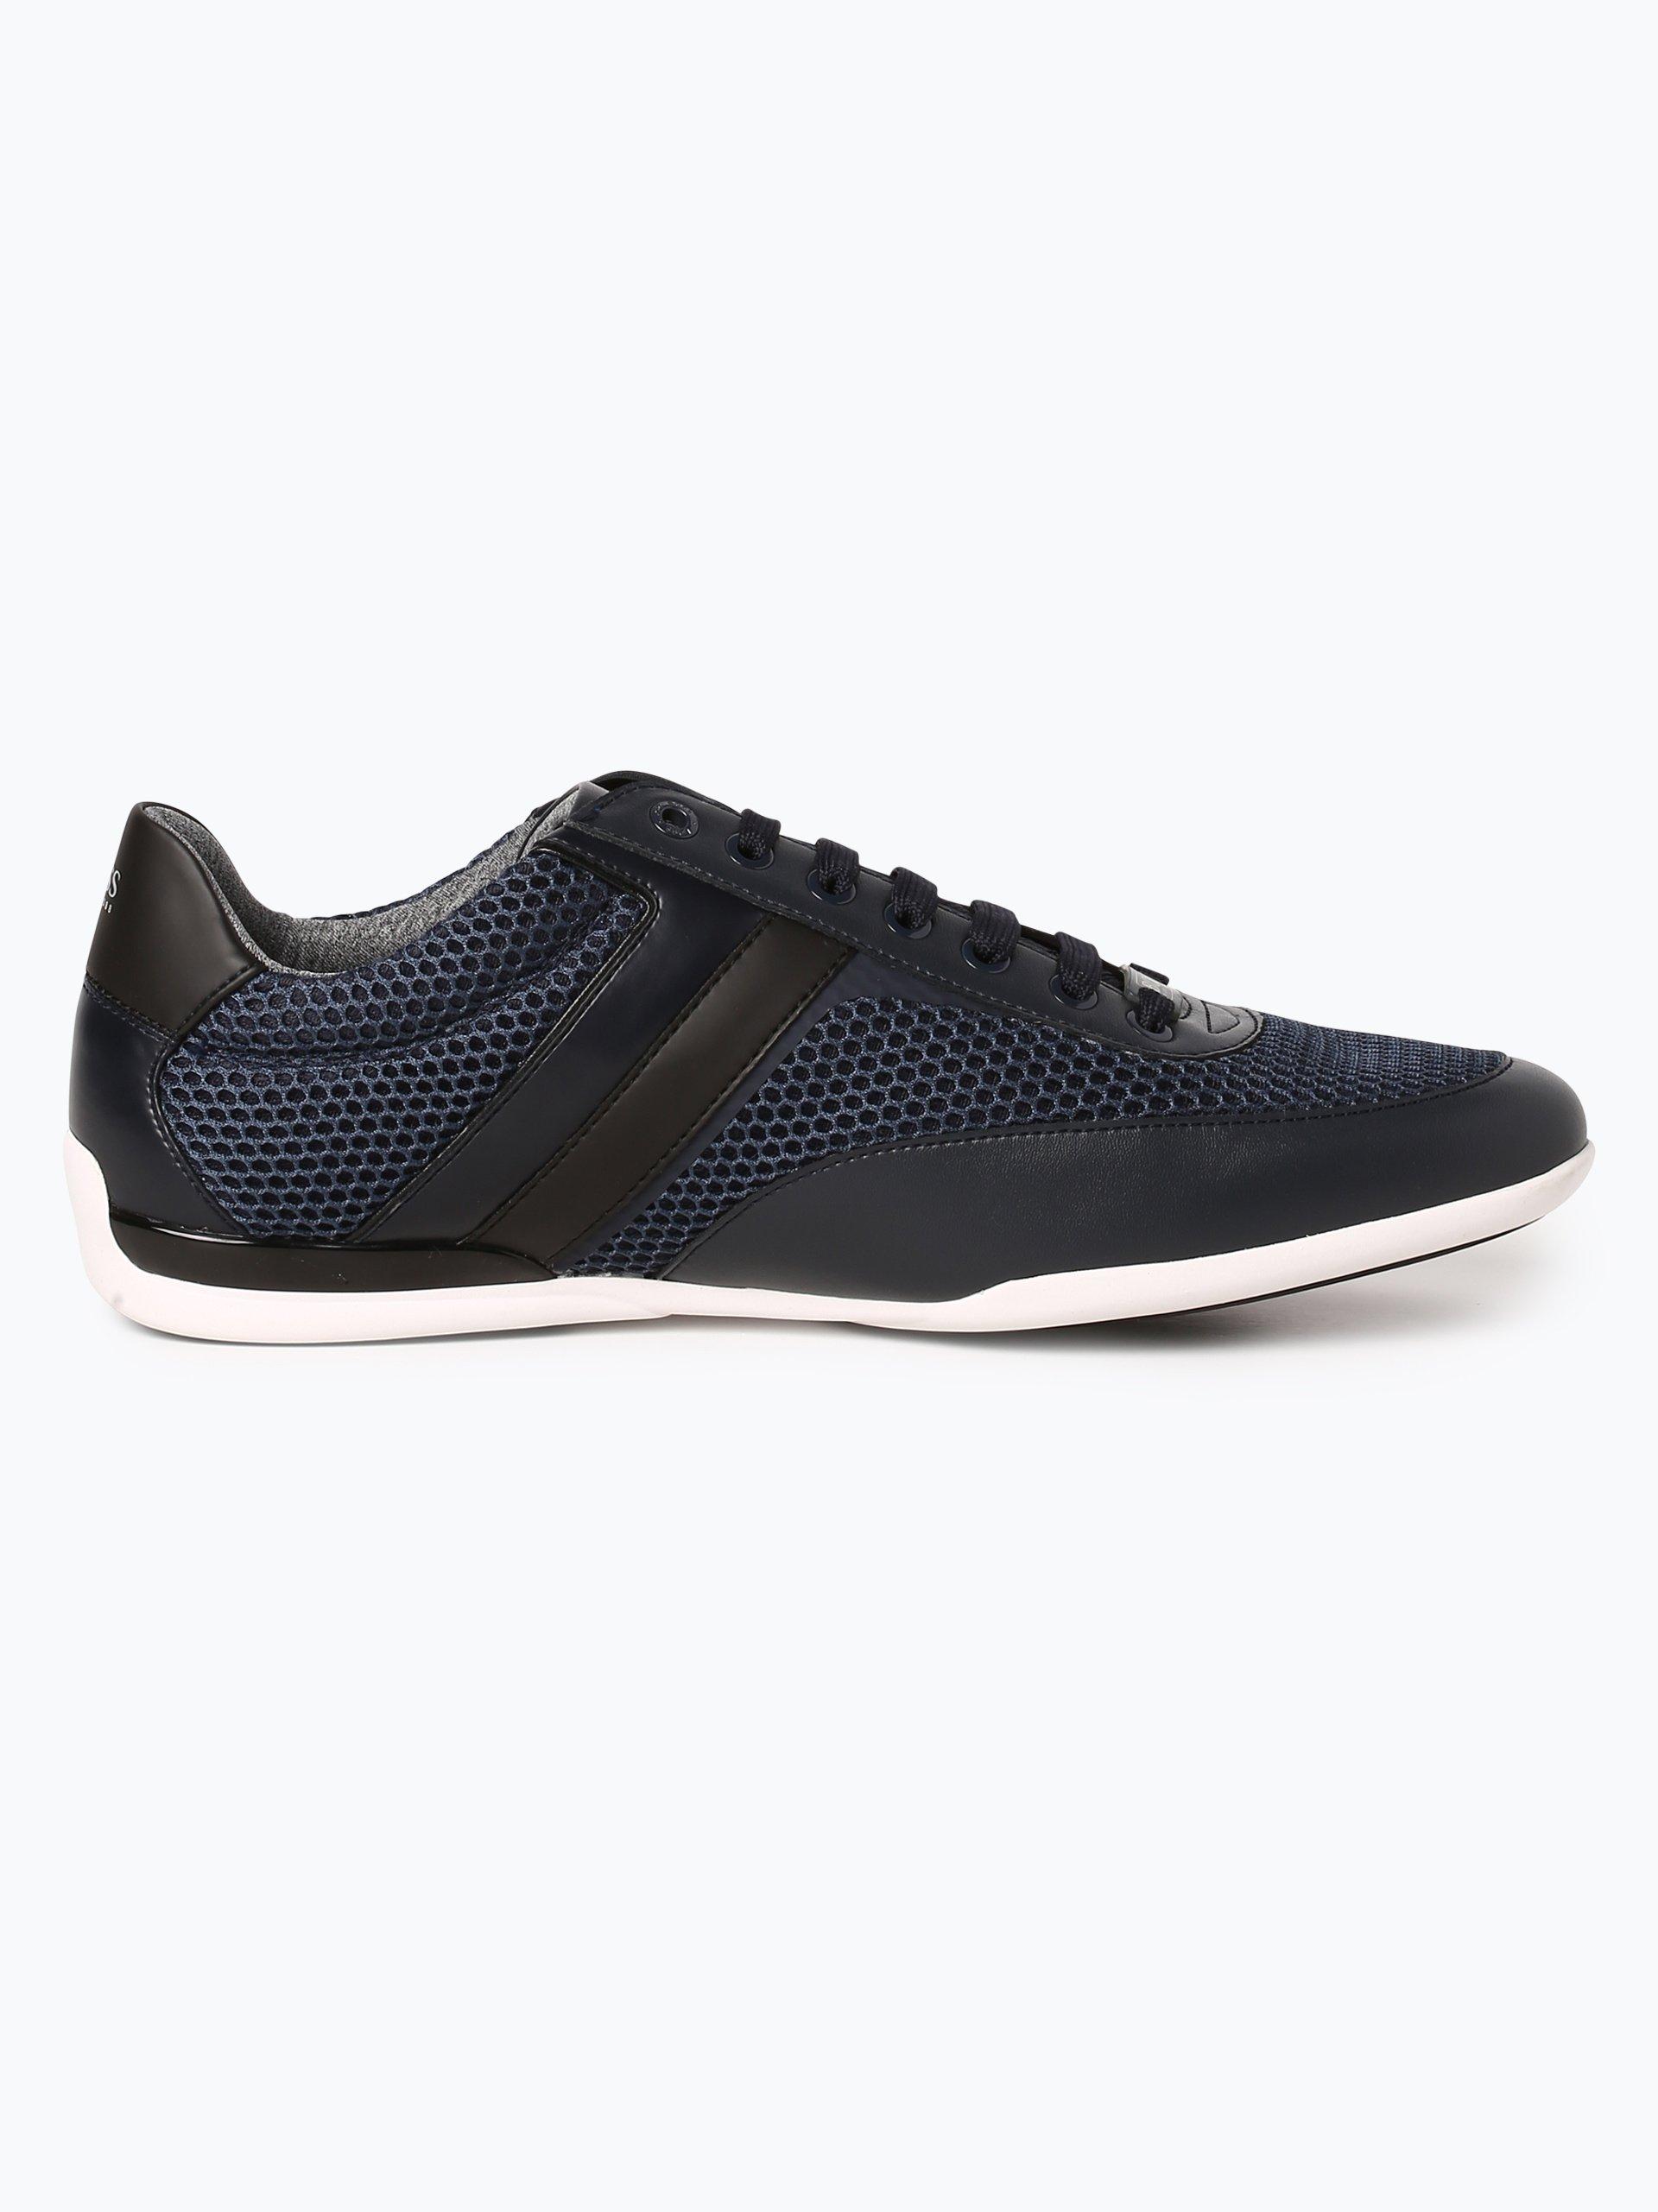 BOSS Athleisurewear Herren Sneaker - Space_Lowp_air